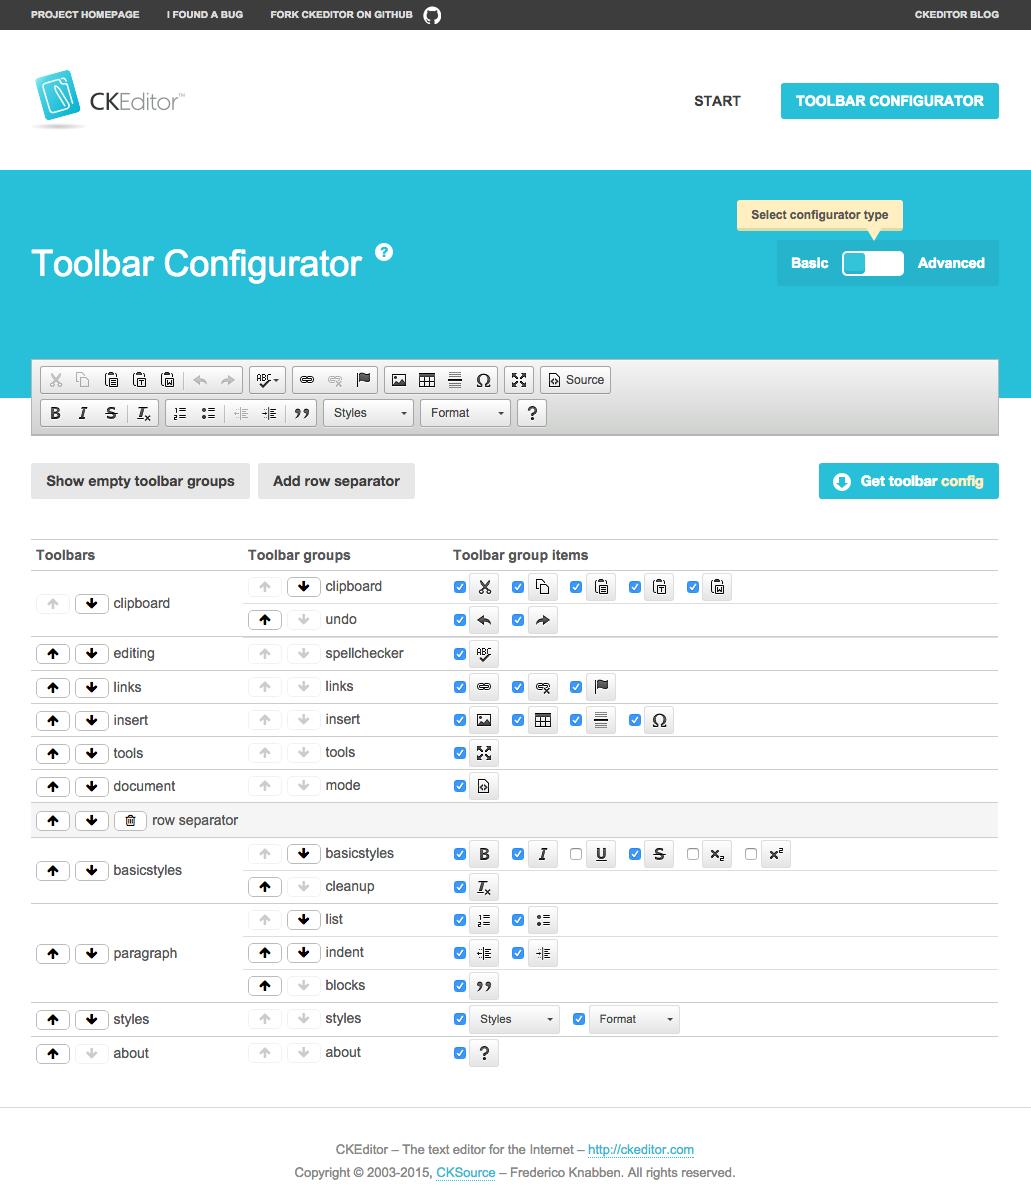 CKEditor 4.5 toolbar configurator